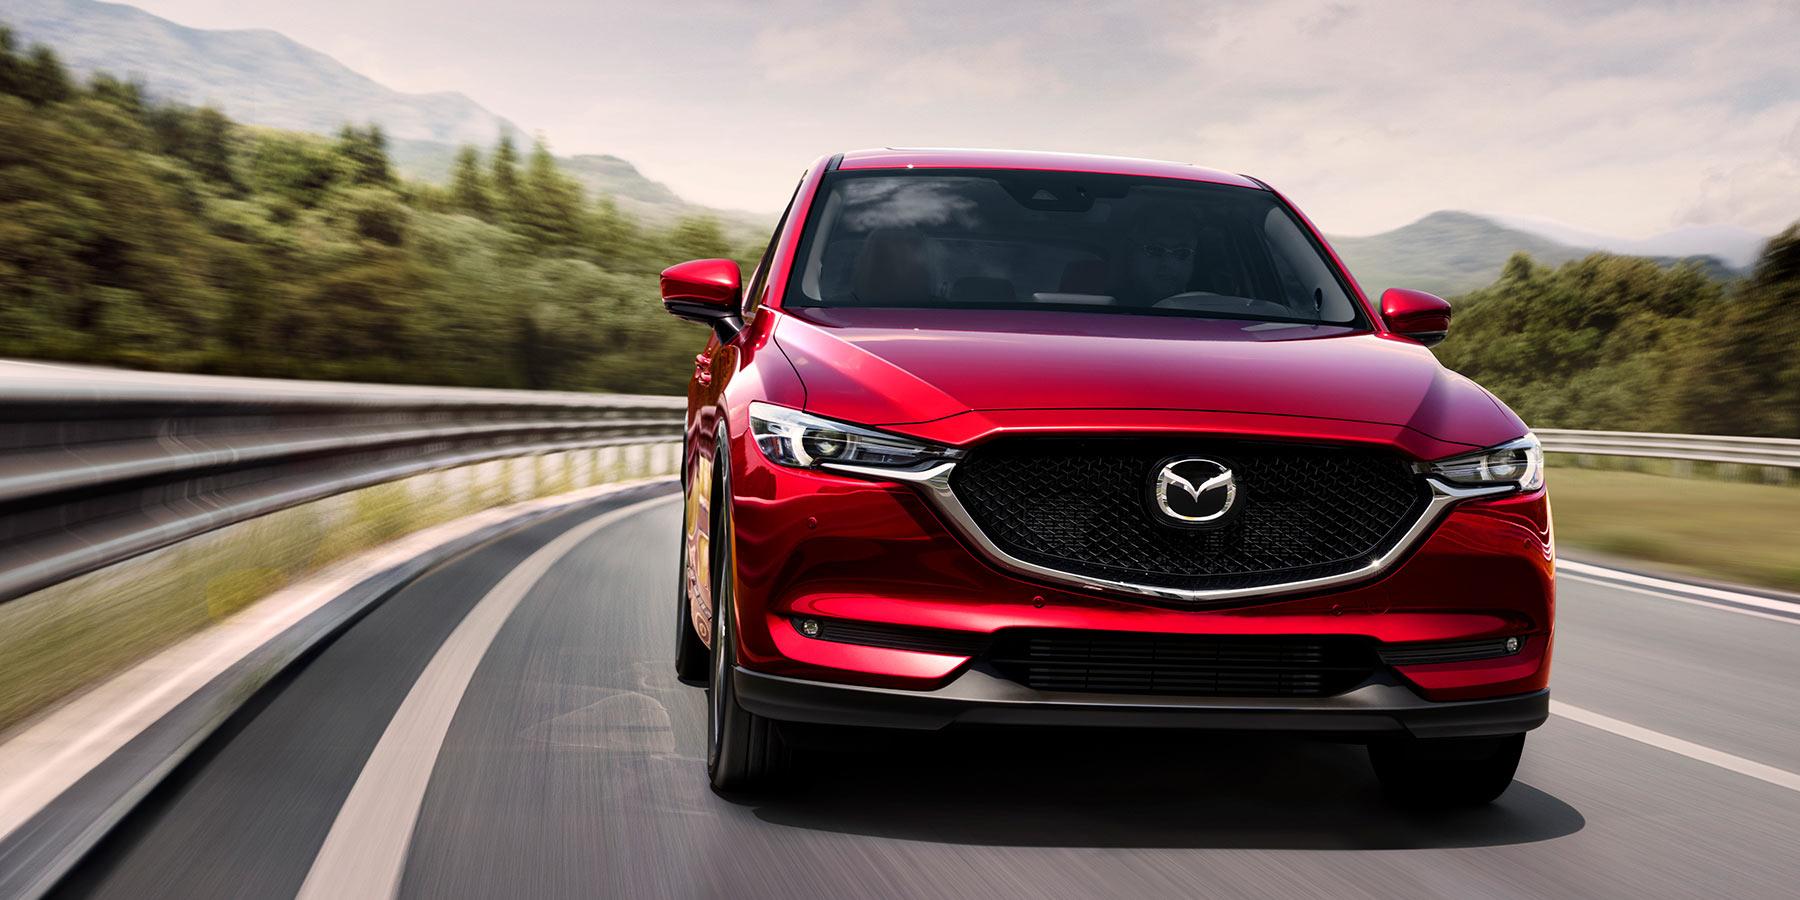 2019 Mazda Cx 5 Vs Ford Escape St Charles Il Pugi Mazda